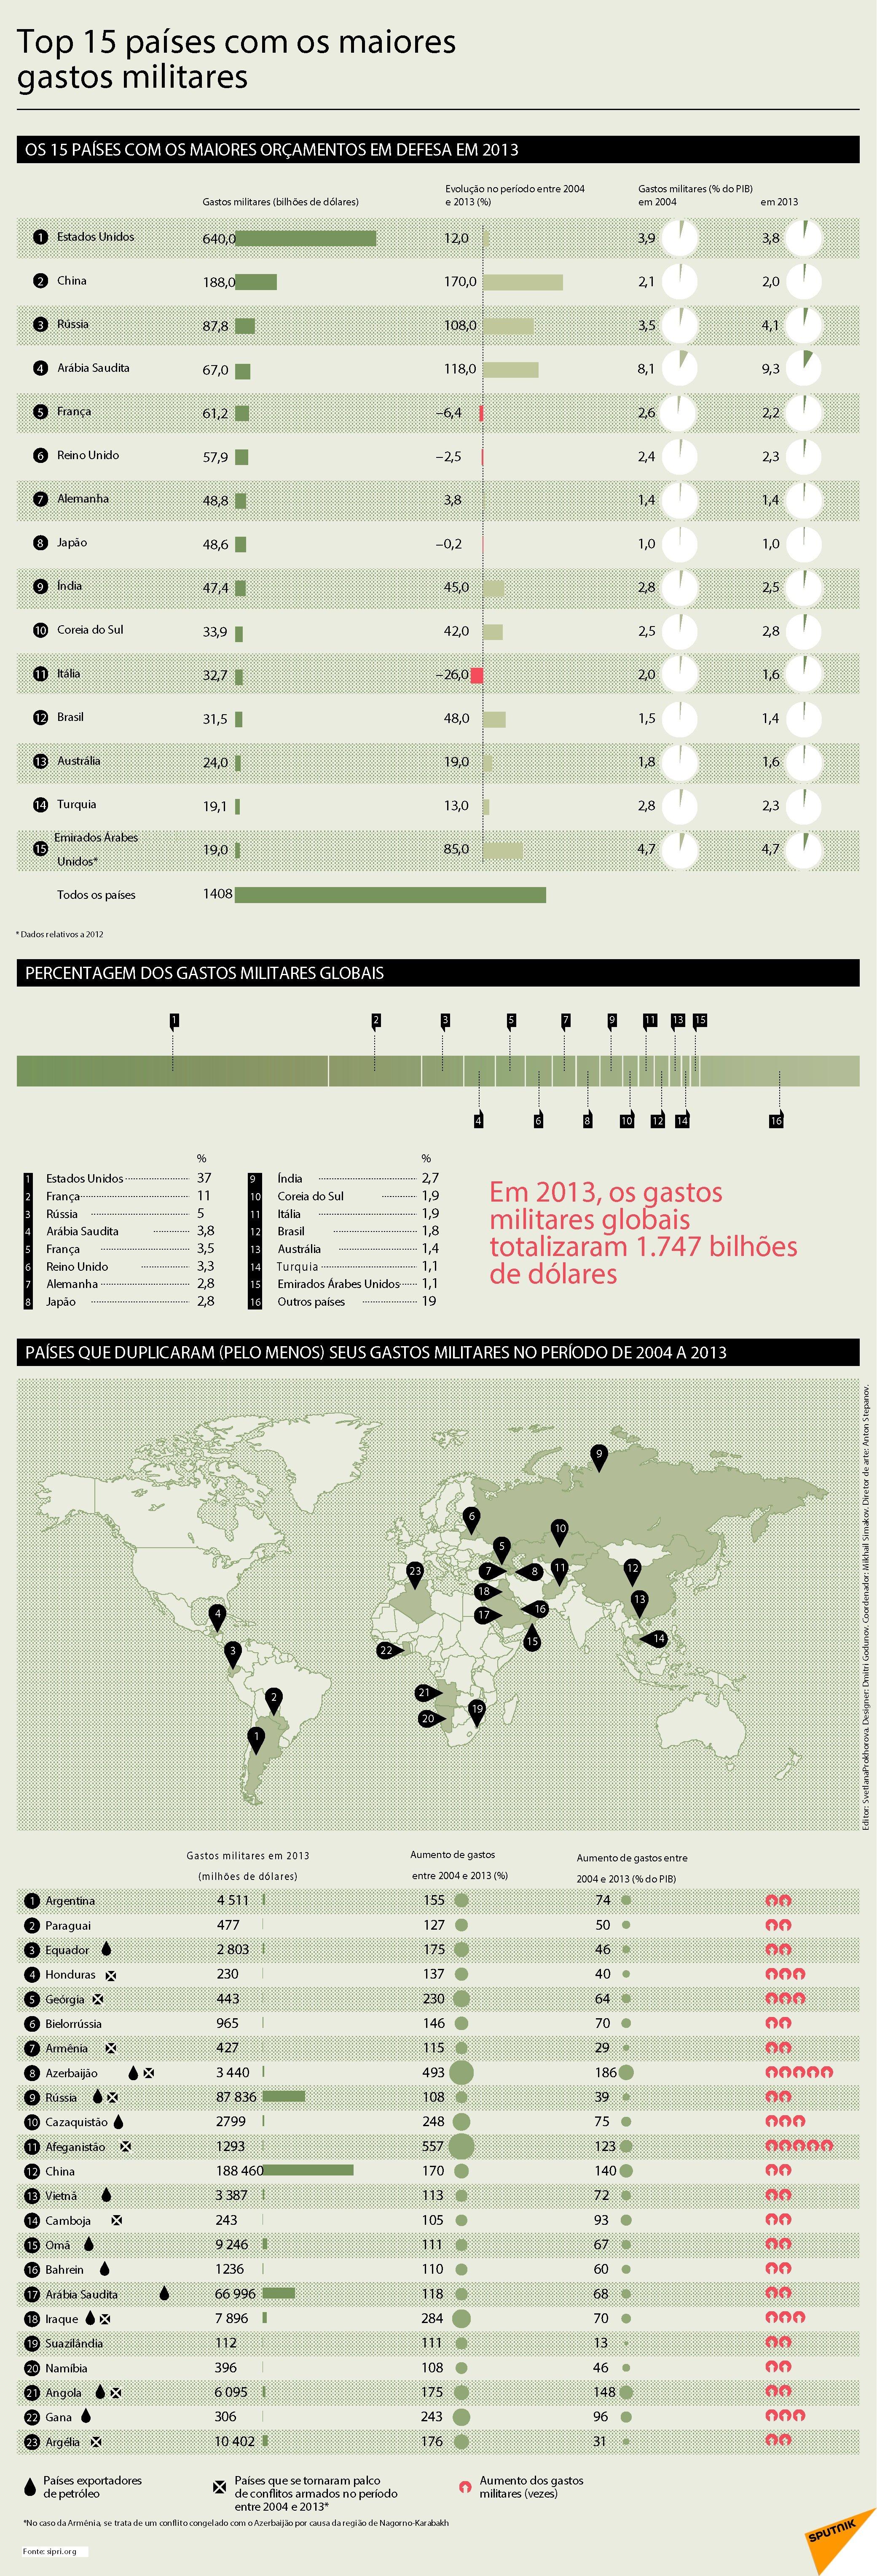 Top 15 países com os maiores gastos militares